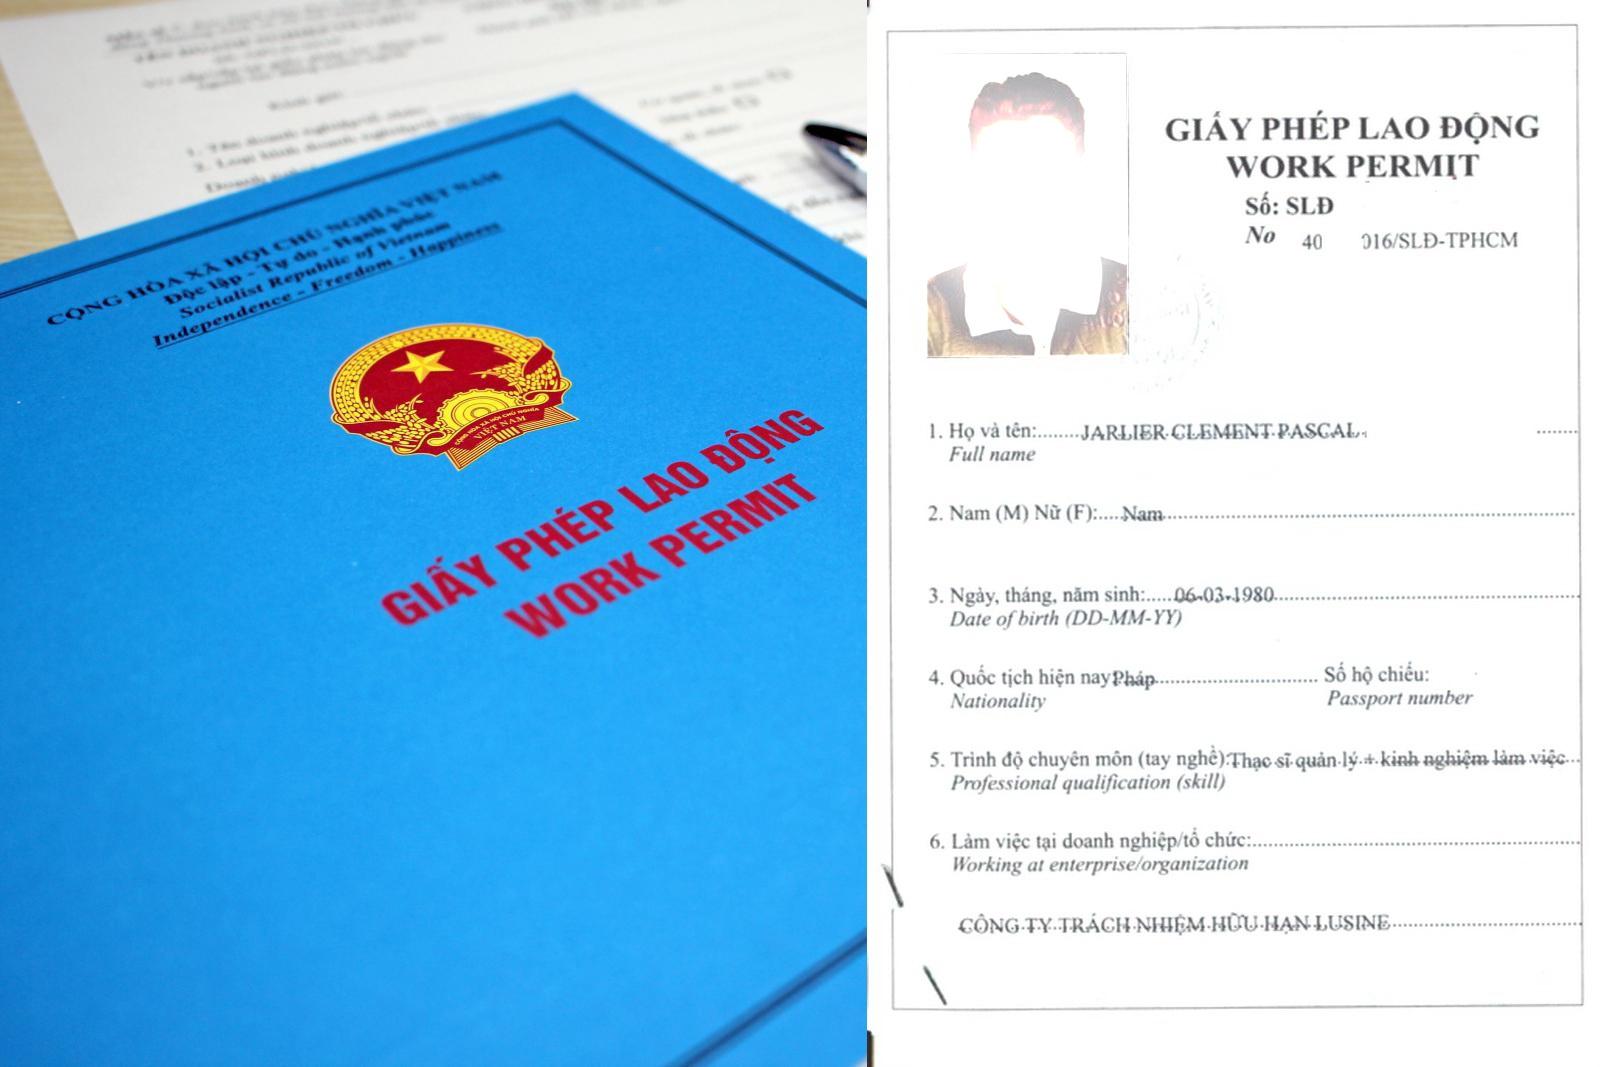 Thủ tục làm giấy phép lao động tại Đồng Nai